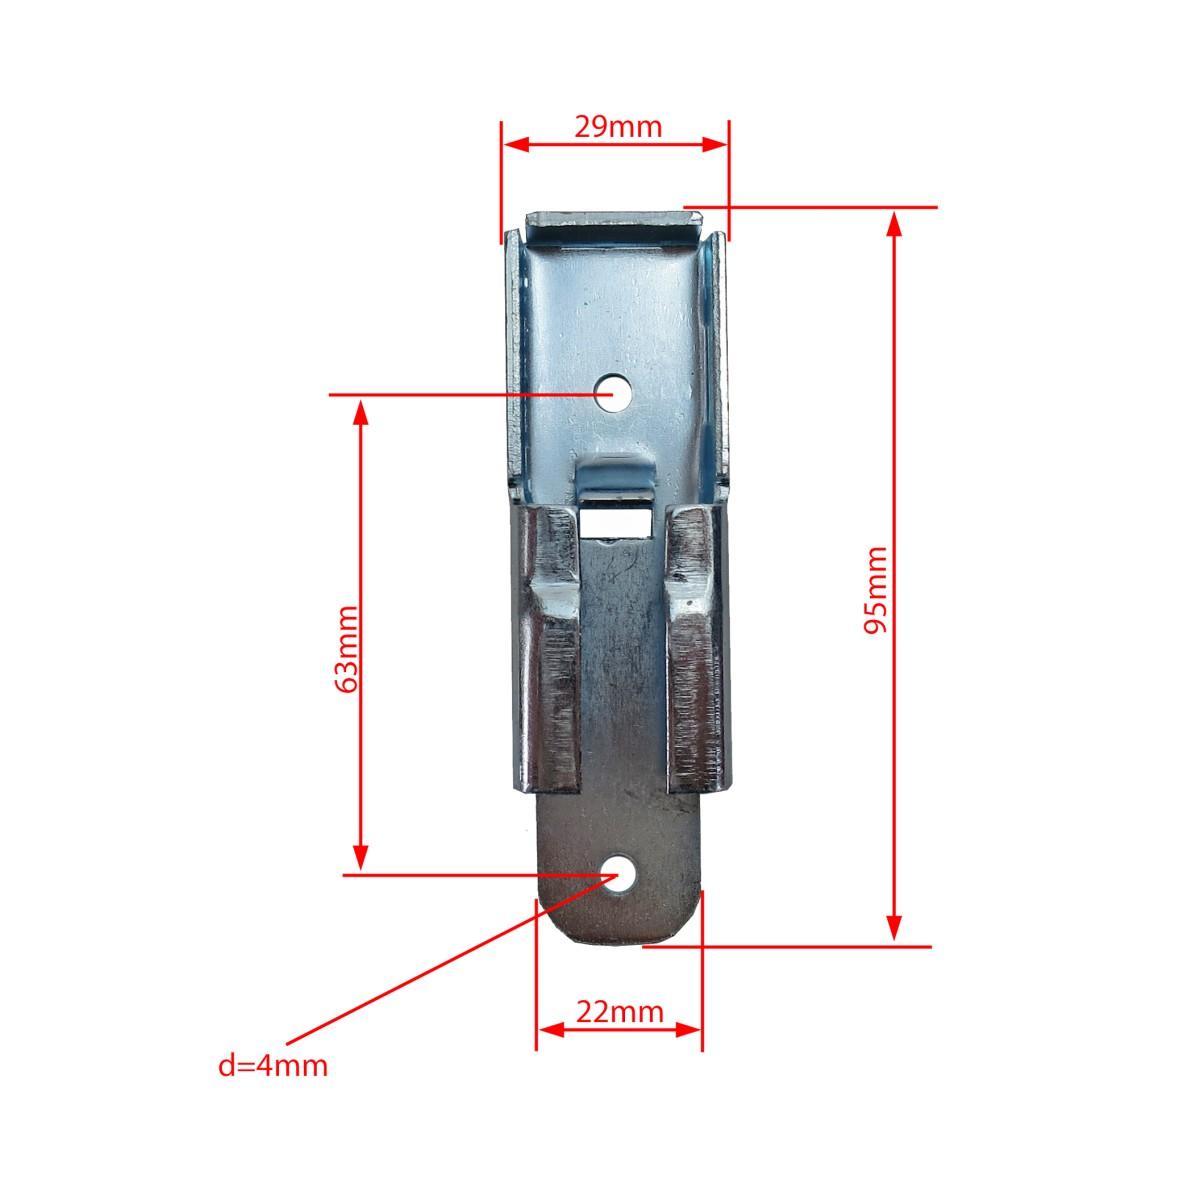 batterieladegerät 24v in Auto & Motorrad: Teile   eBay